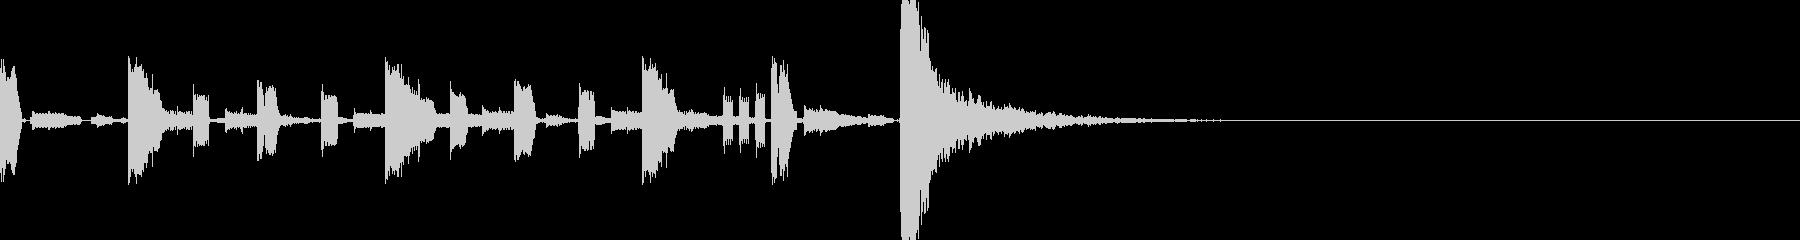 フェイントリズムつかみポイントジングルの未再生の波形